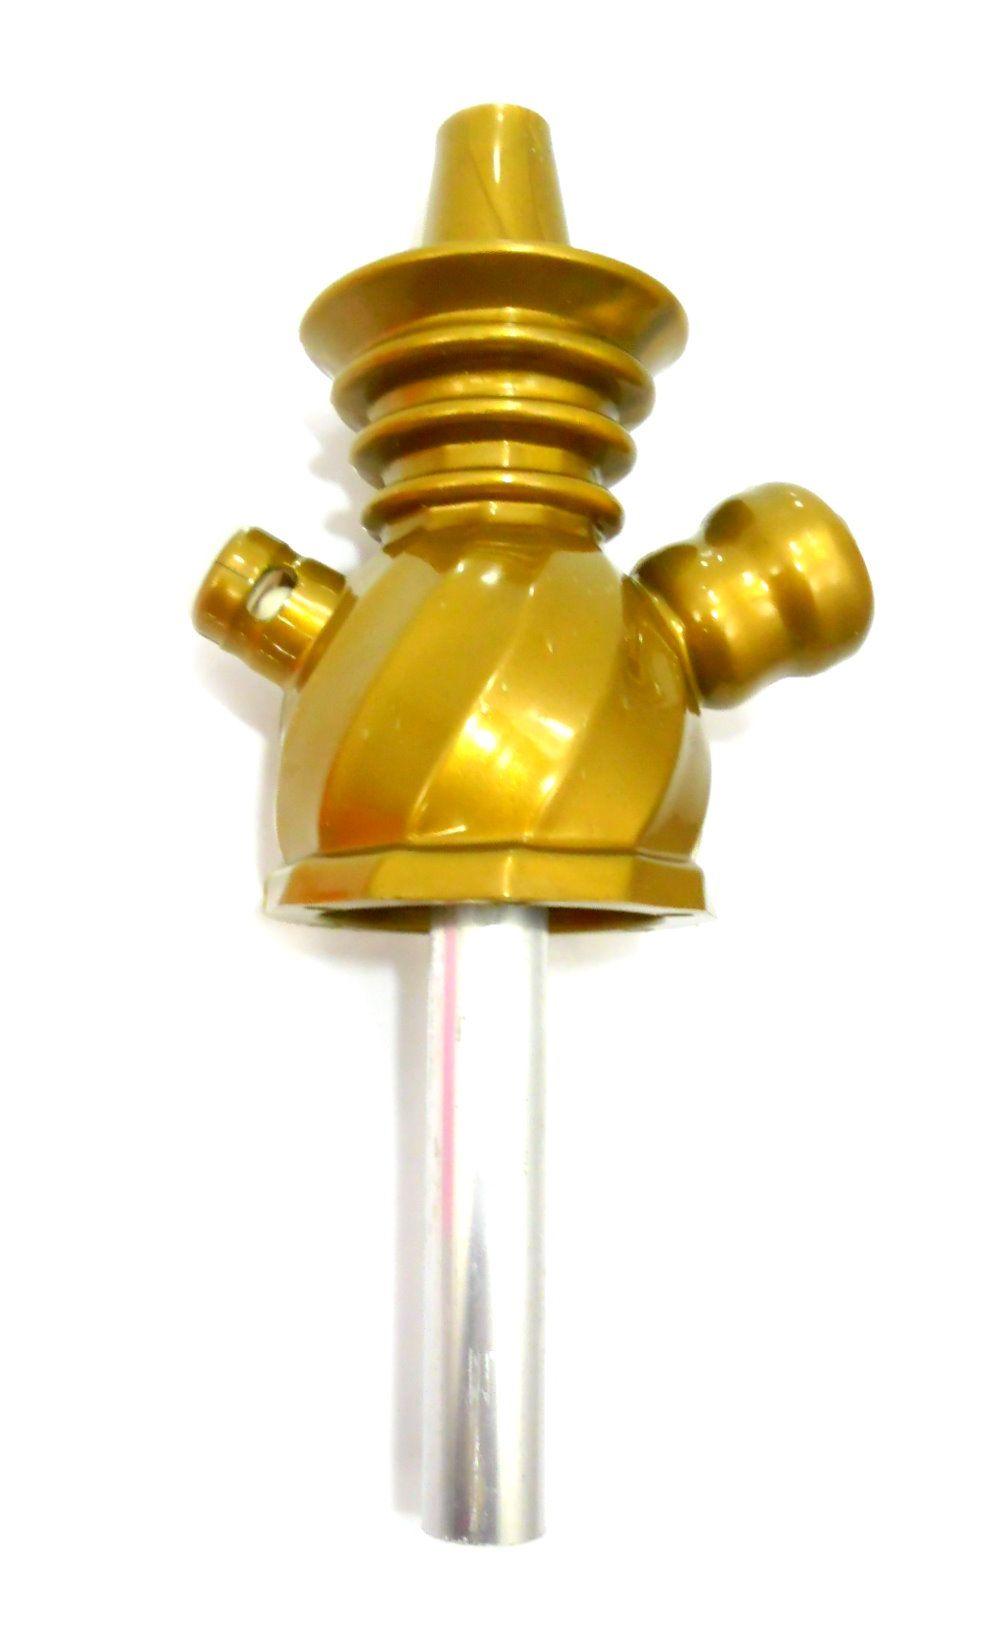 Stem (corpo de narguile) AHALALOUD CONCEPT em polipropileno e tubo interno alumínio. Cor:Dourado